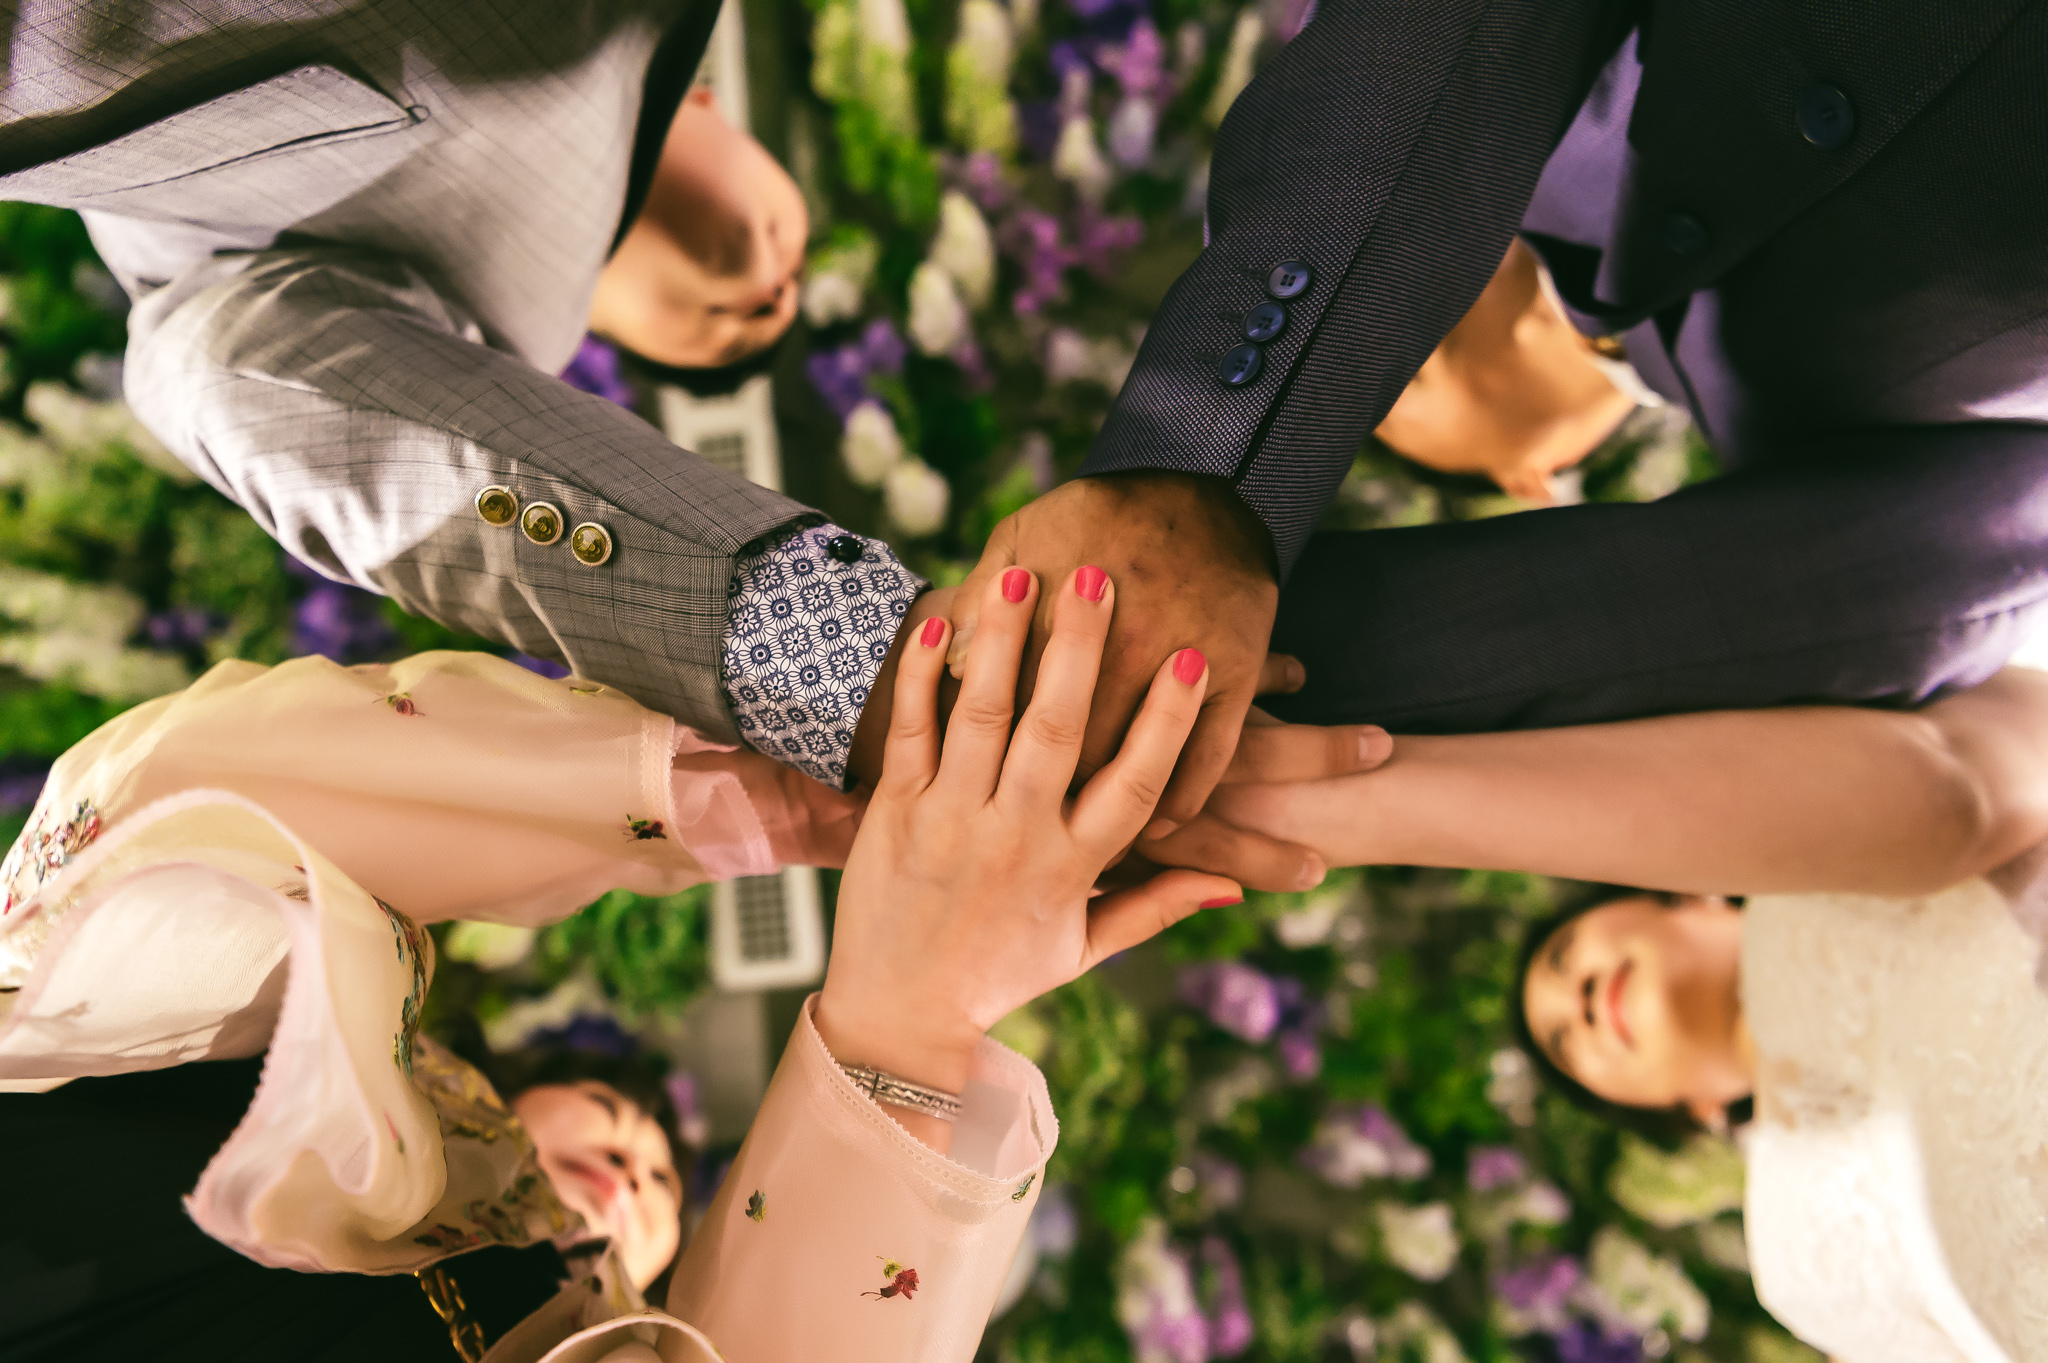 88樂章婚宴會館婚攝 台北婚攝  祥宇+蔚文 婚禮紀錄